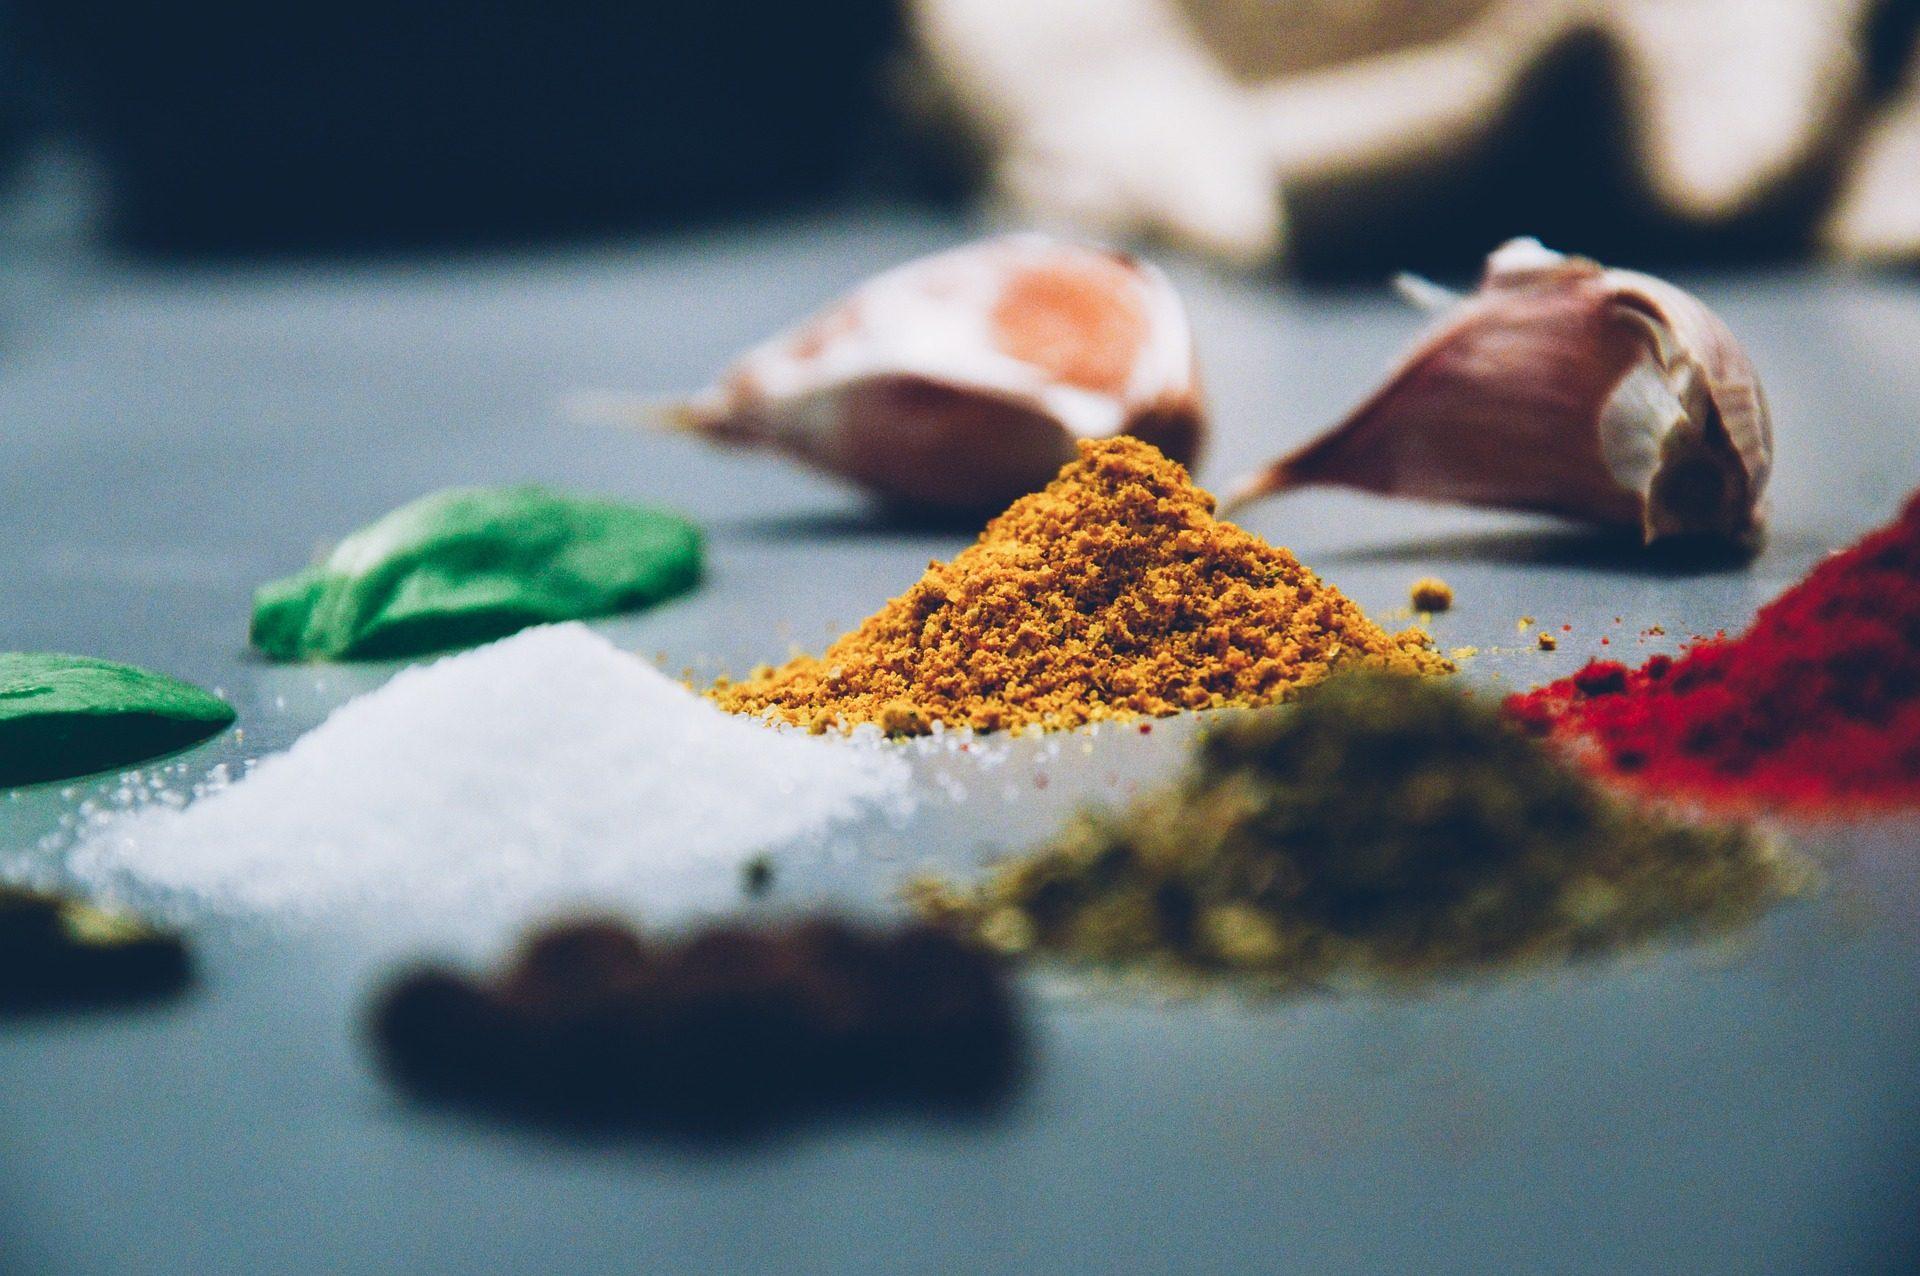 التوابل, الأعشاب, المكونات, ثوم, الملح, كاري, نكهة - خلفيات عالية الدقة - أستاذ falken.com